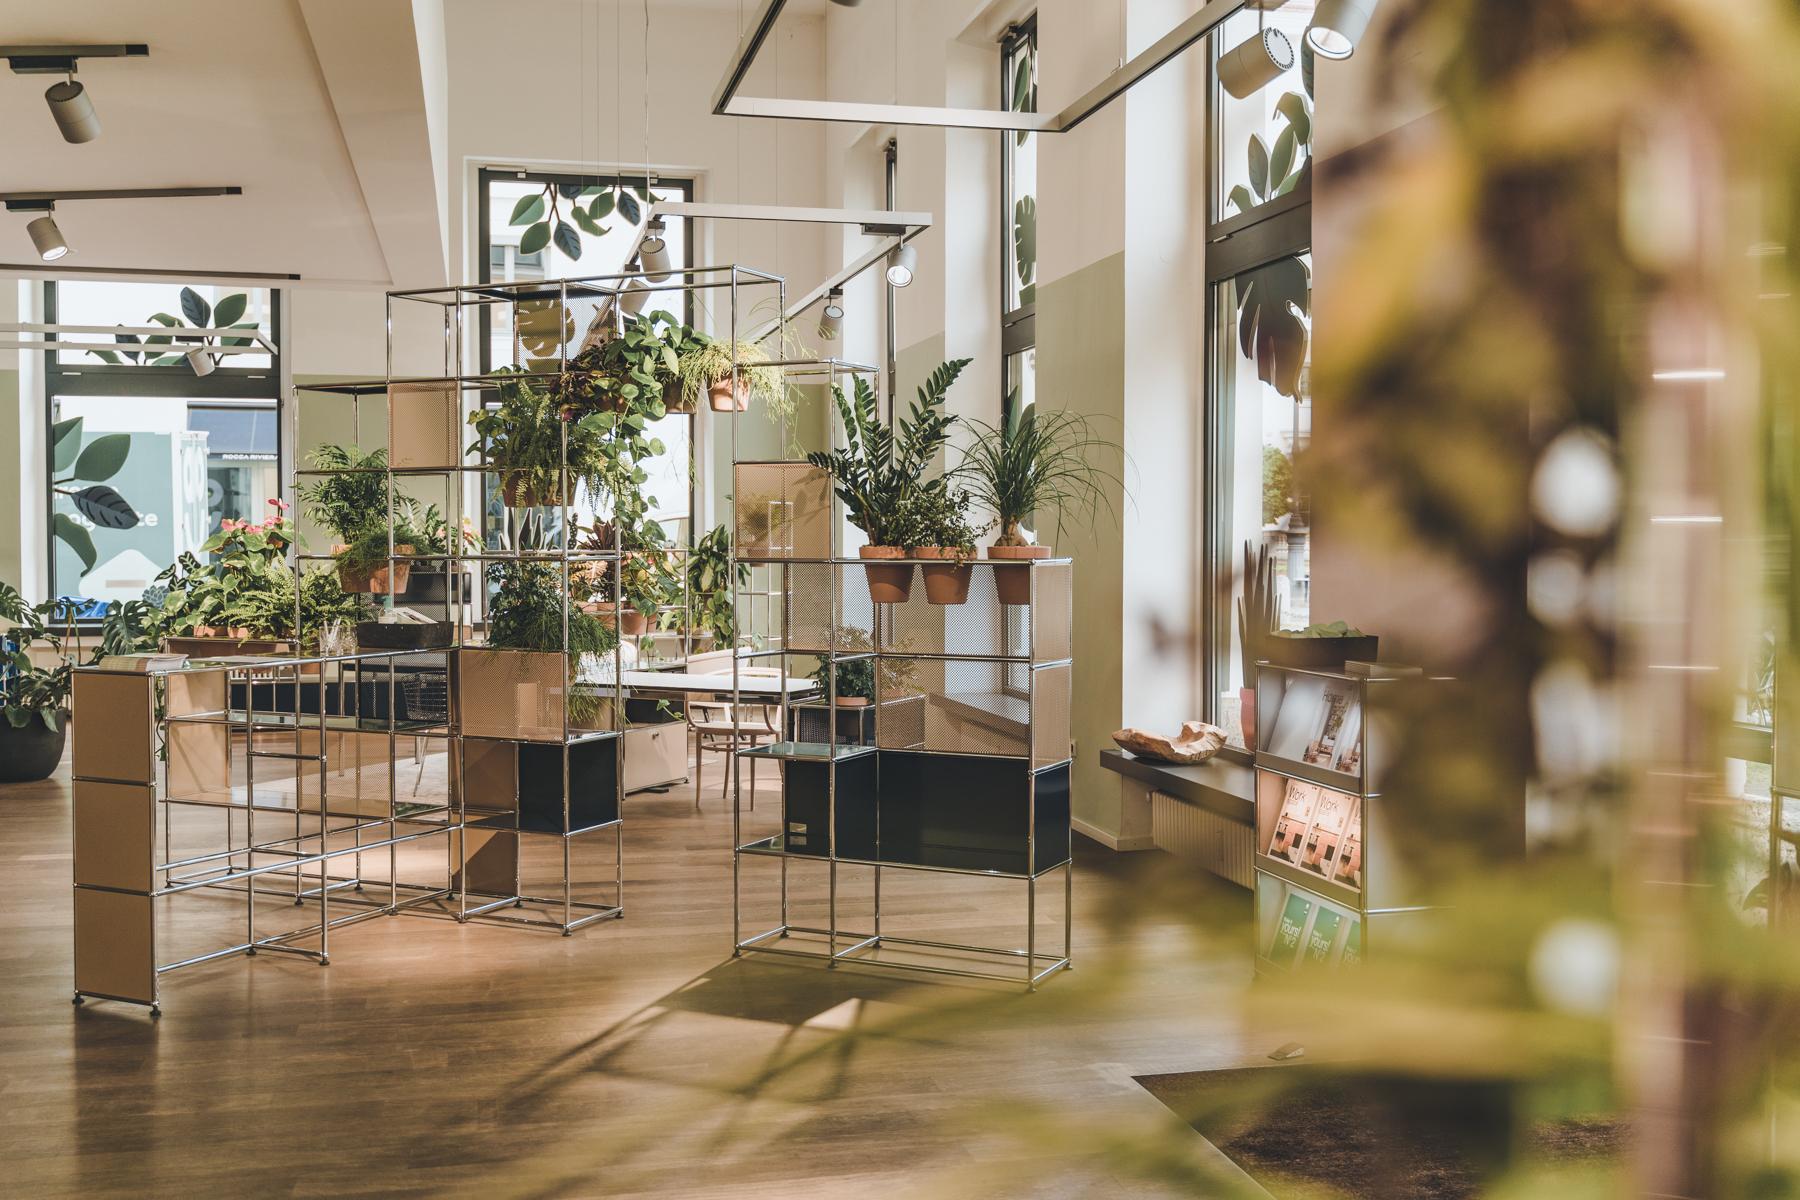 Geheimtipp Muenchen Laeden Interieur USMShowroom 50 – ©wunderland media GmbH